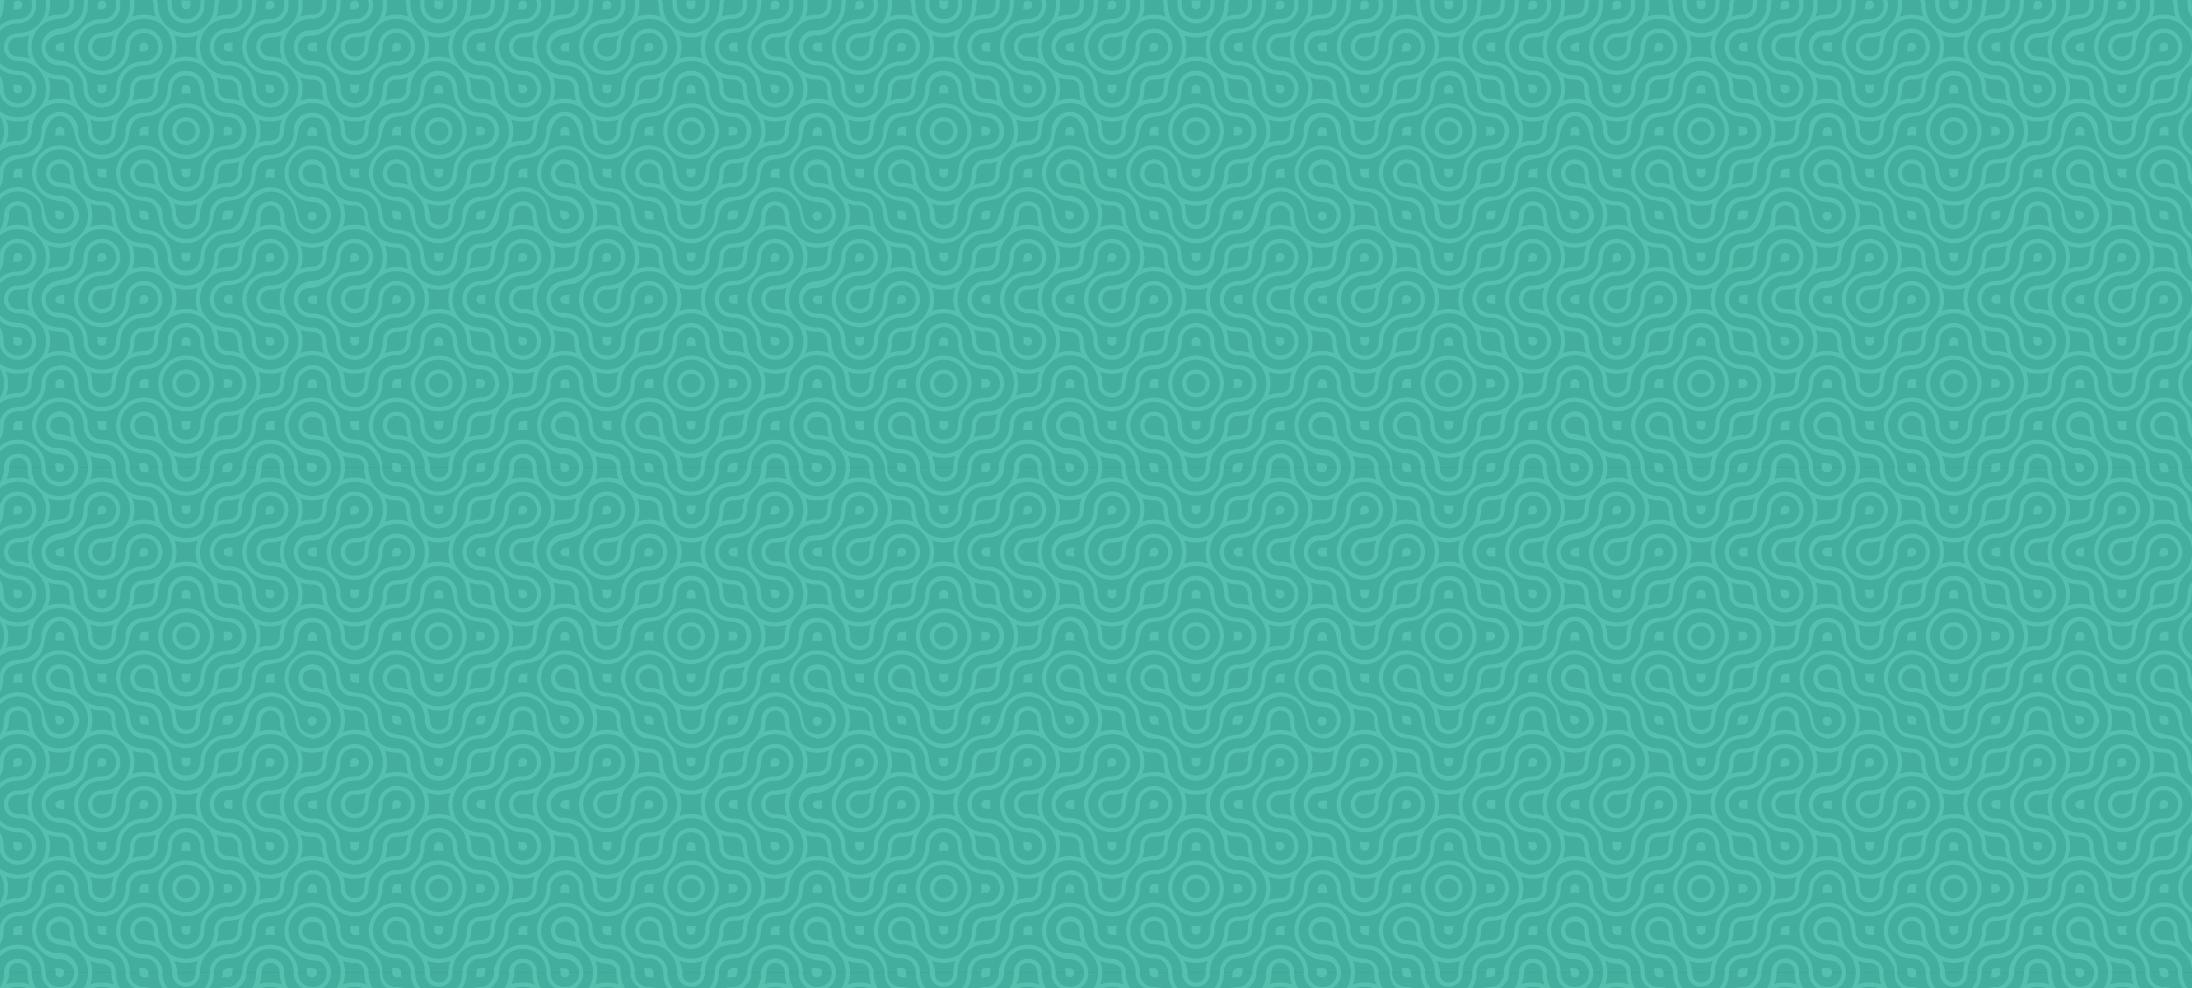 Header_Background_Pattern